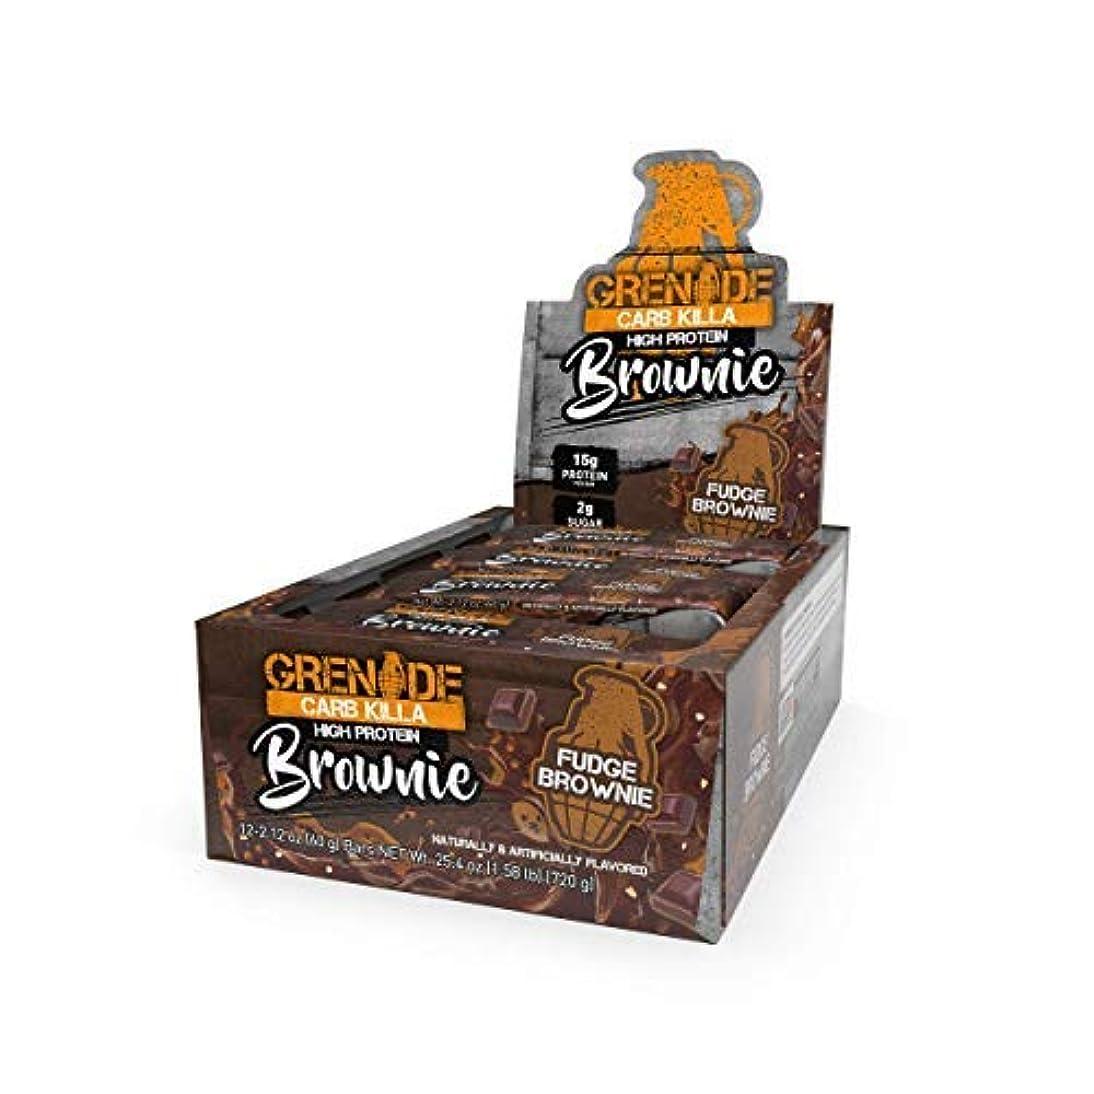 枯れる協会ブロンズGrenade Carb Killa Brownie High Protein Suitable Meal Replacement for Weight Loss 60 Grams Pack of 12 [並行輸入品]